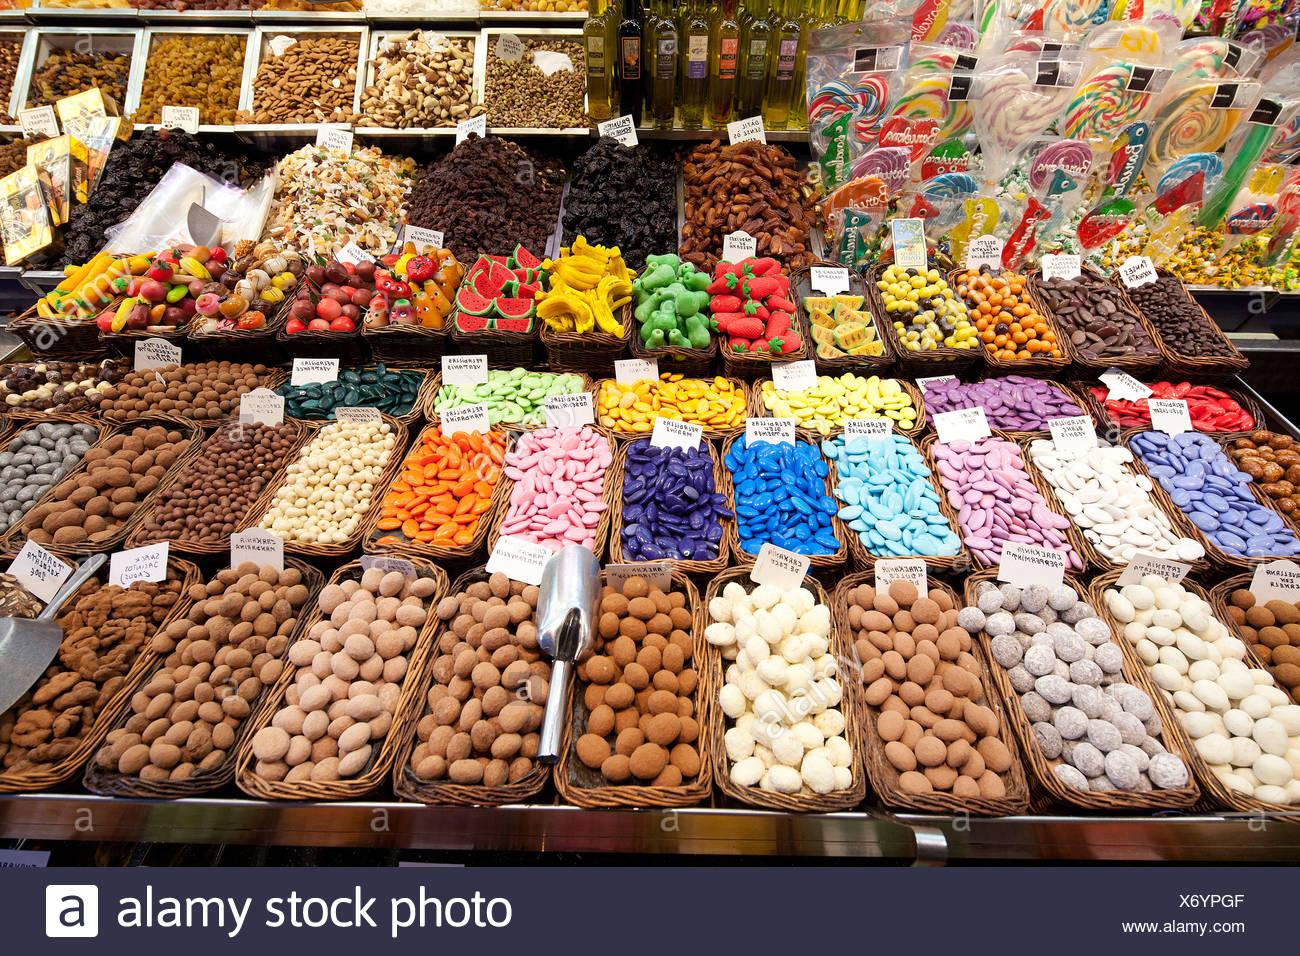 Caramelle, cioccolato e dolciumi, La Boqueria, stallo del mercato, Ramblas, Las Ramblas, l'area pedonale, Barcellona, in Catalogna, Spagna Immagini Stock